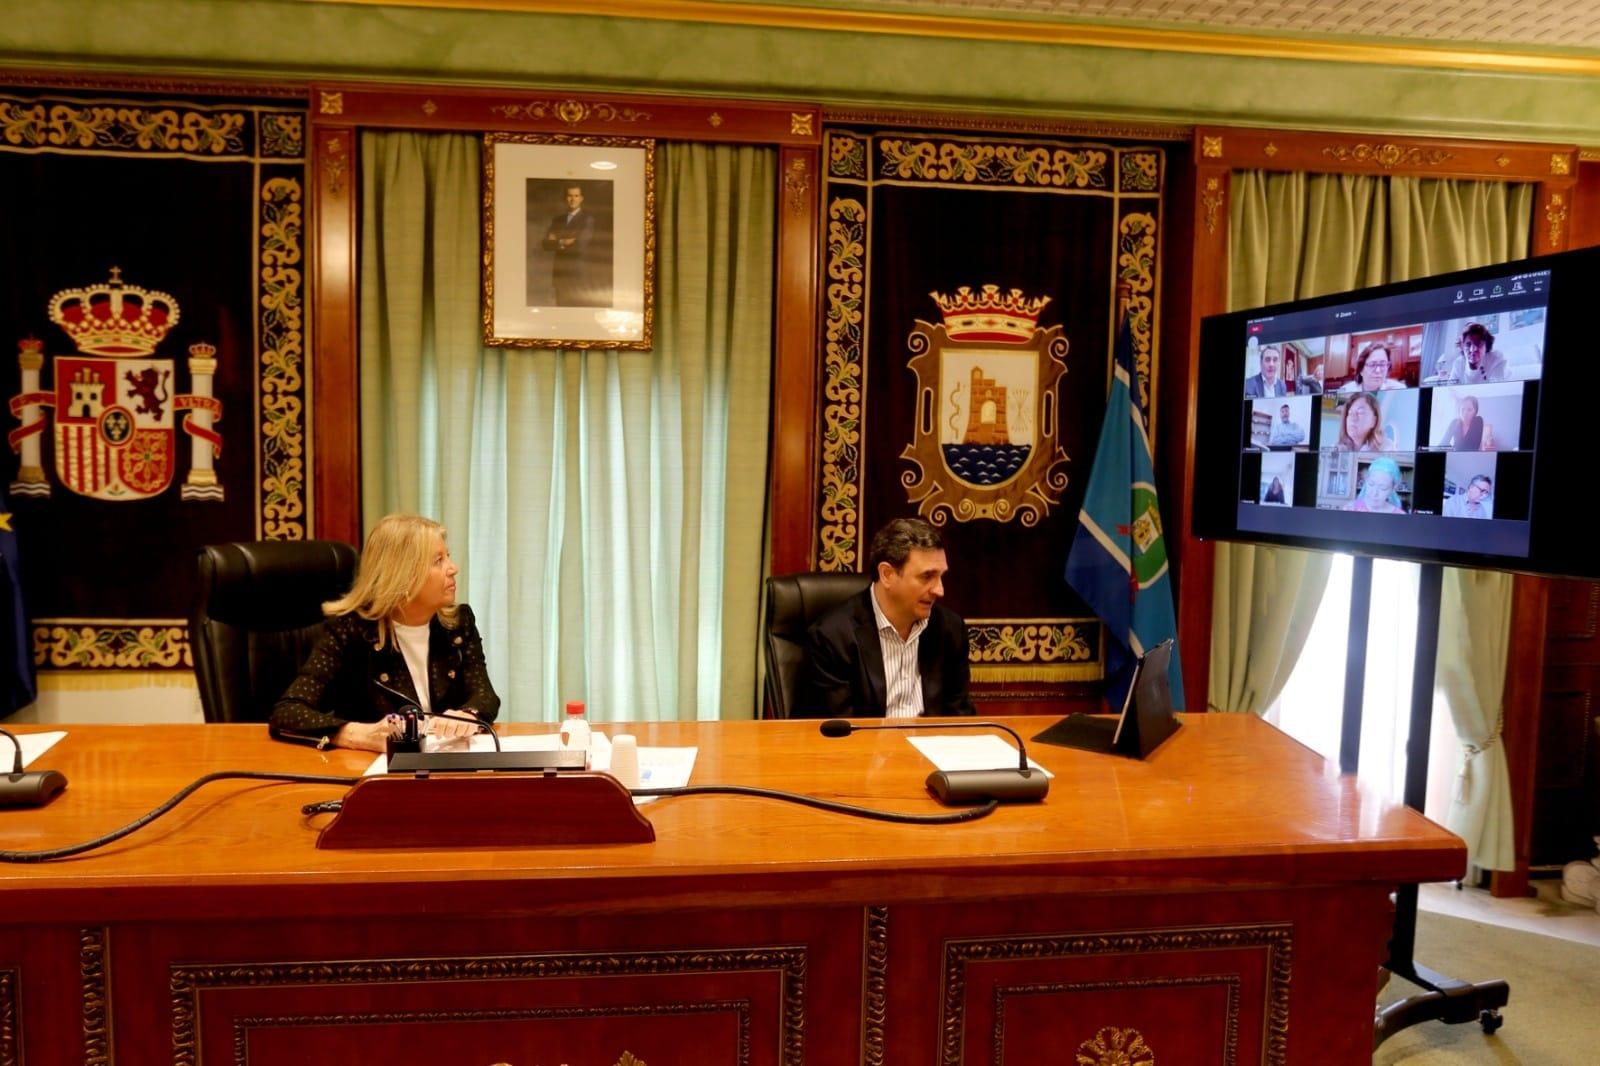 El Ayuntamiento de Marbella ha editado un bando regulador del funcionamiento y las posibilidades de explotación de las terrazas autorizadas en su día y de la ampliación de las mismas